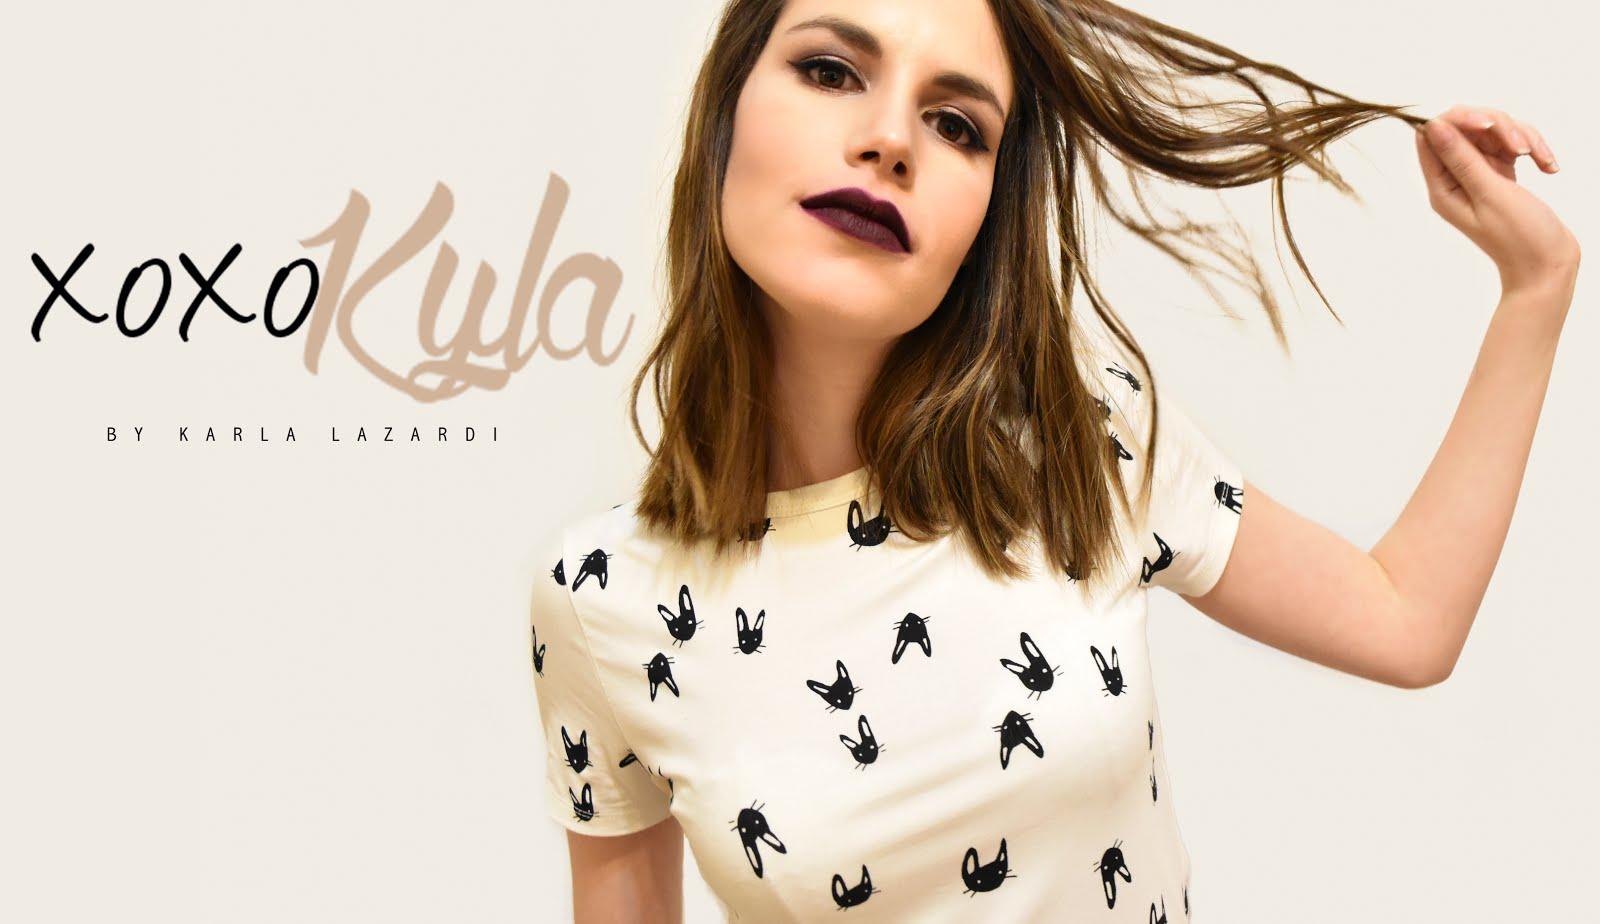 Xoxo Kyla